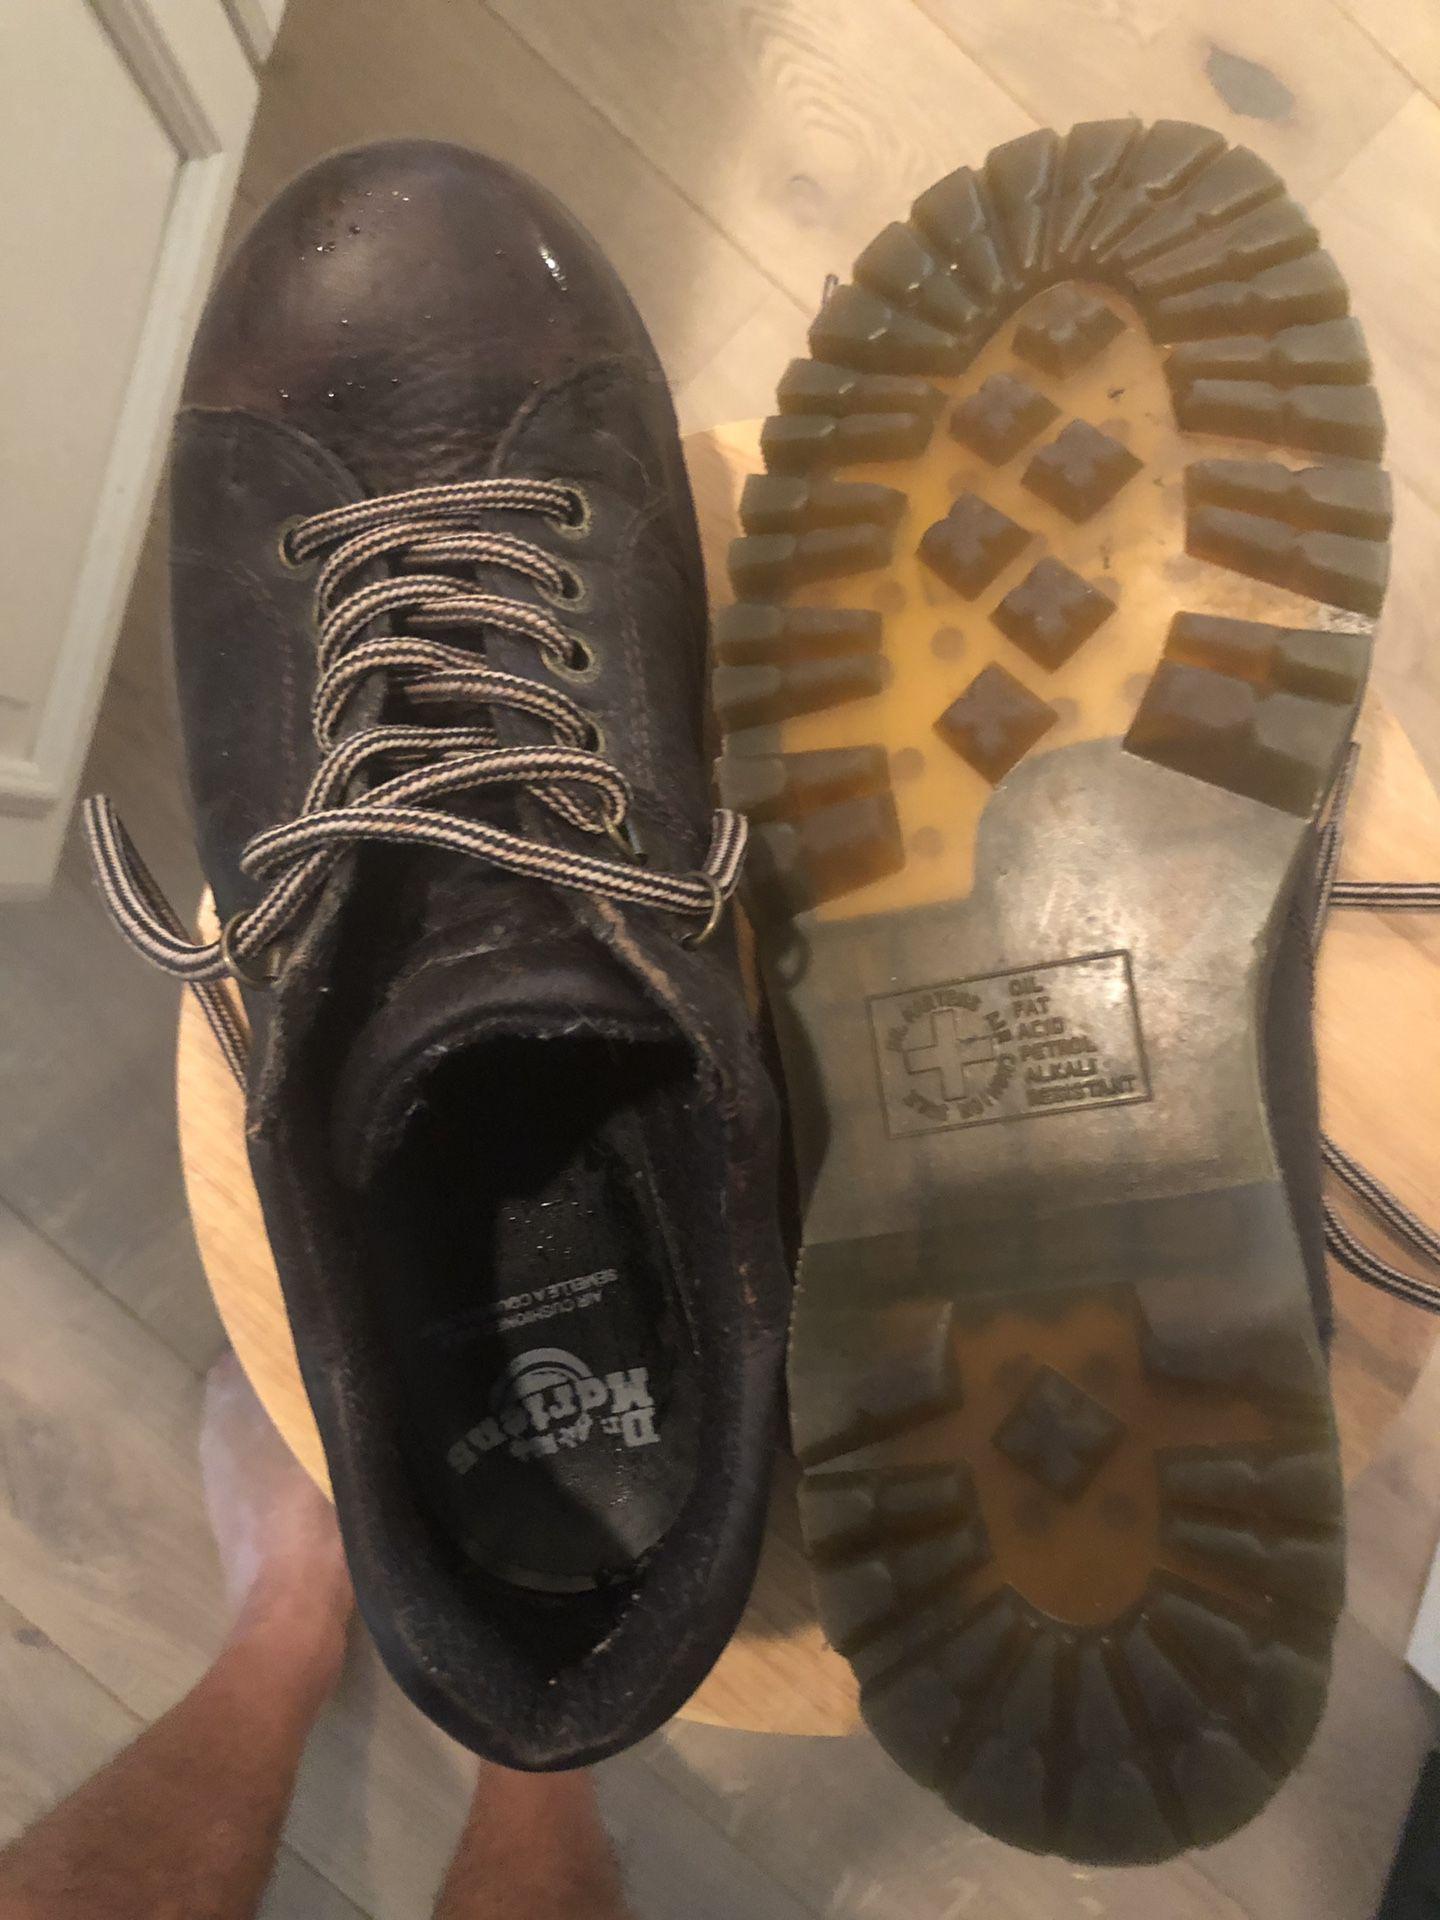 Doc Martin men's shoes. Size 10